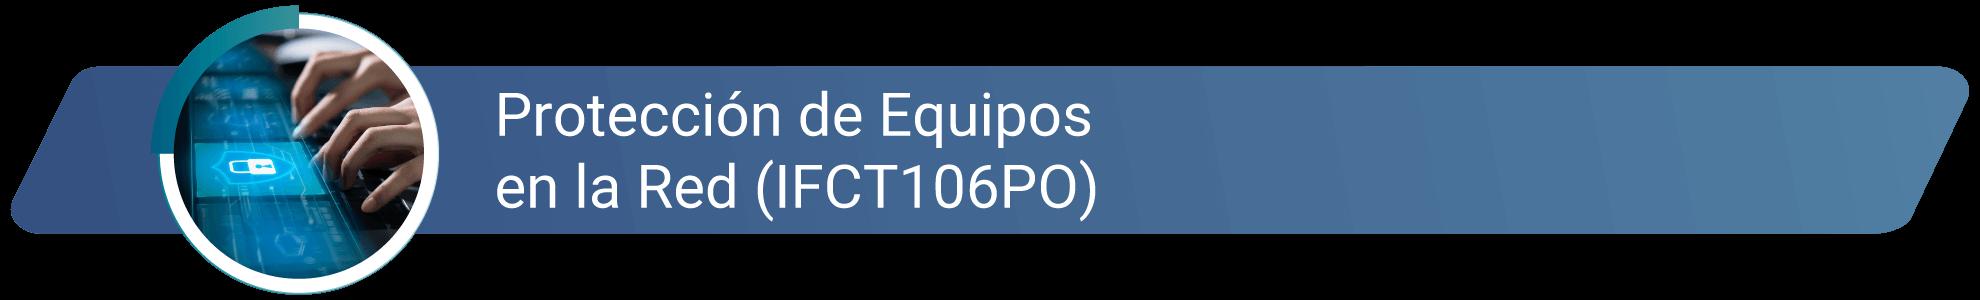 IFCT106PO - Protección de equipos en la red